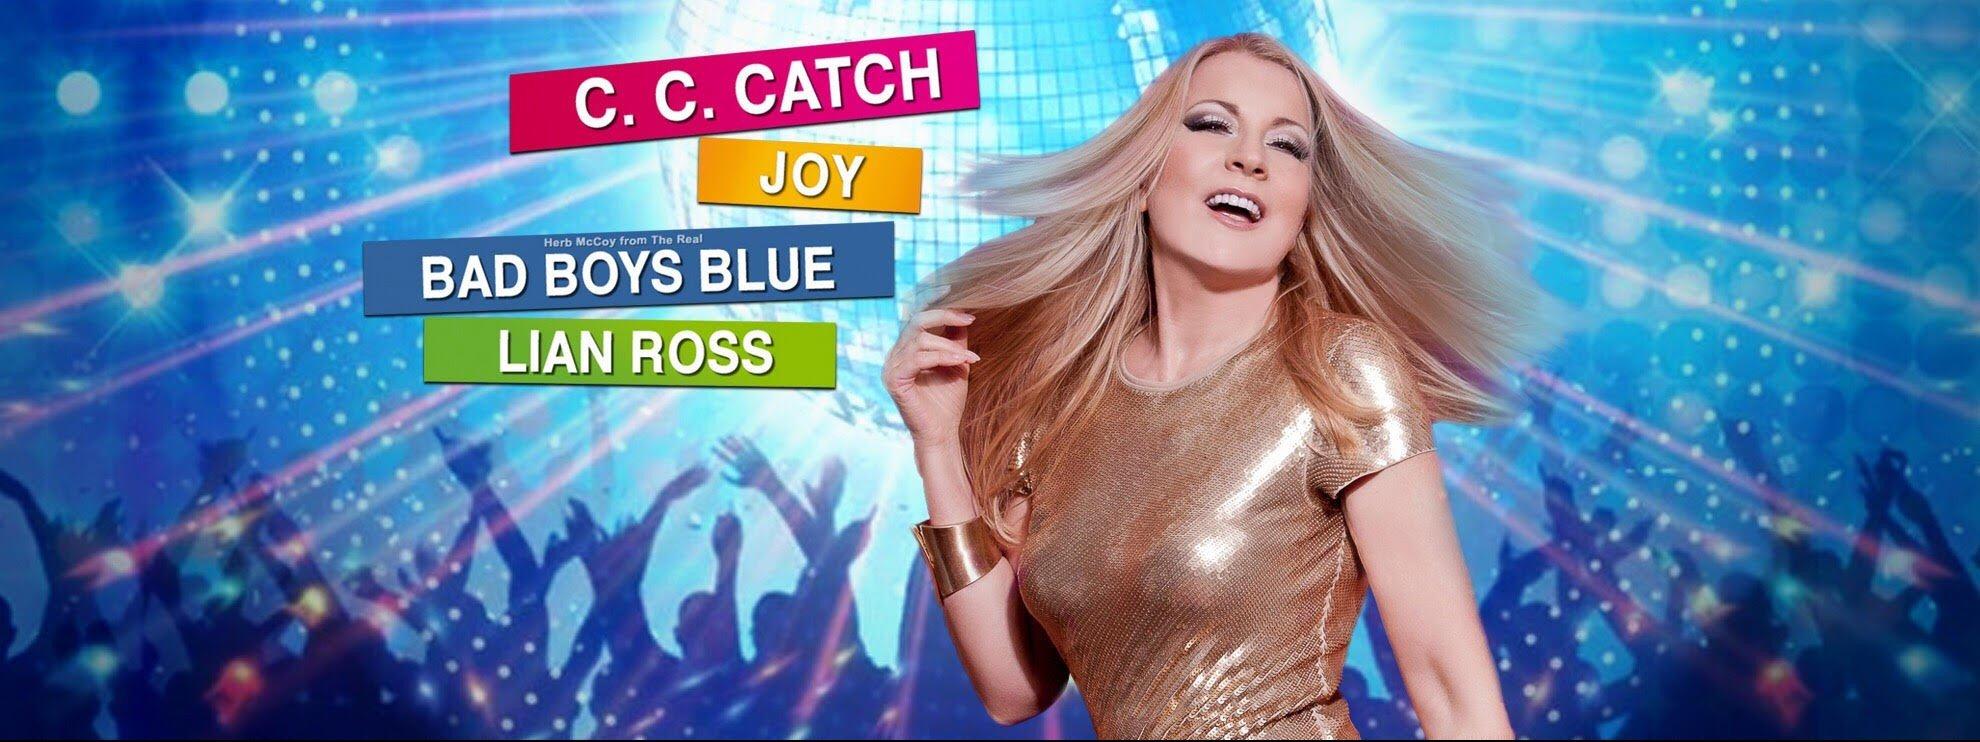 событие Дискотека 80-х (СС Сatch, Bad Boys Blue, Joy, Lian Ross)